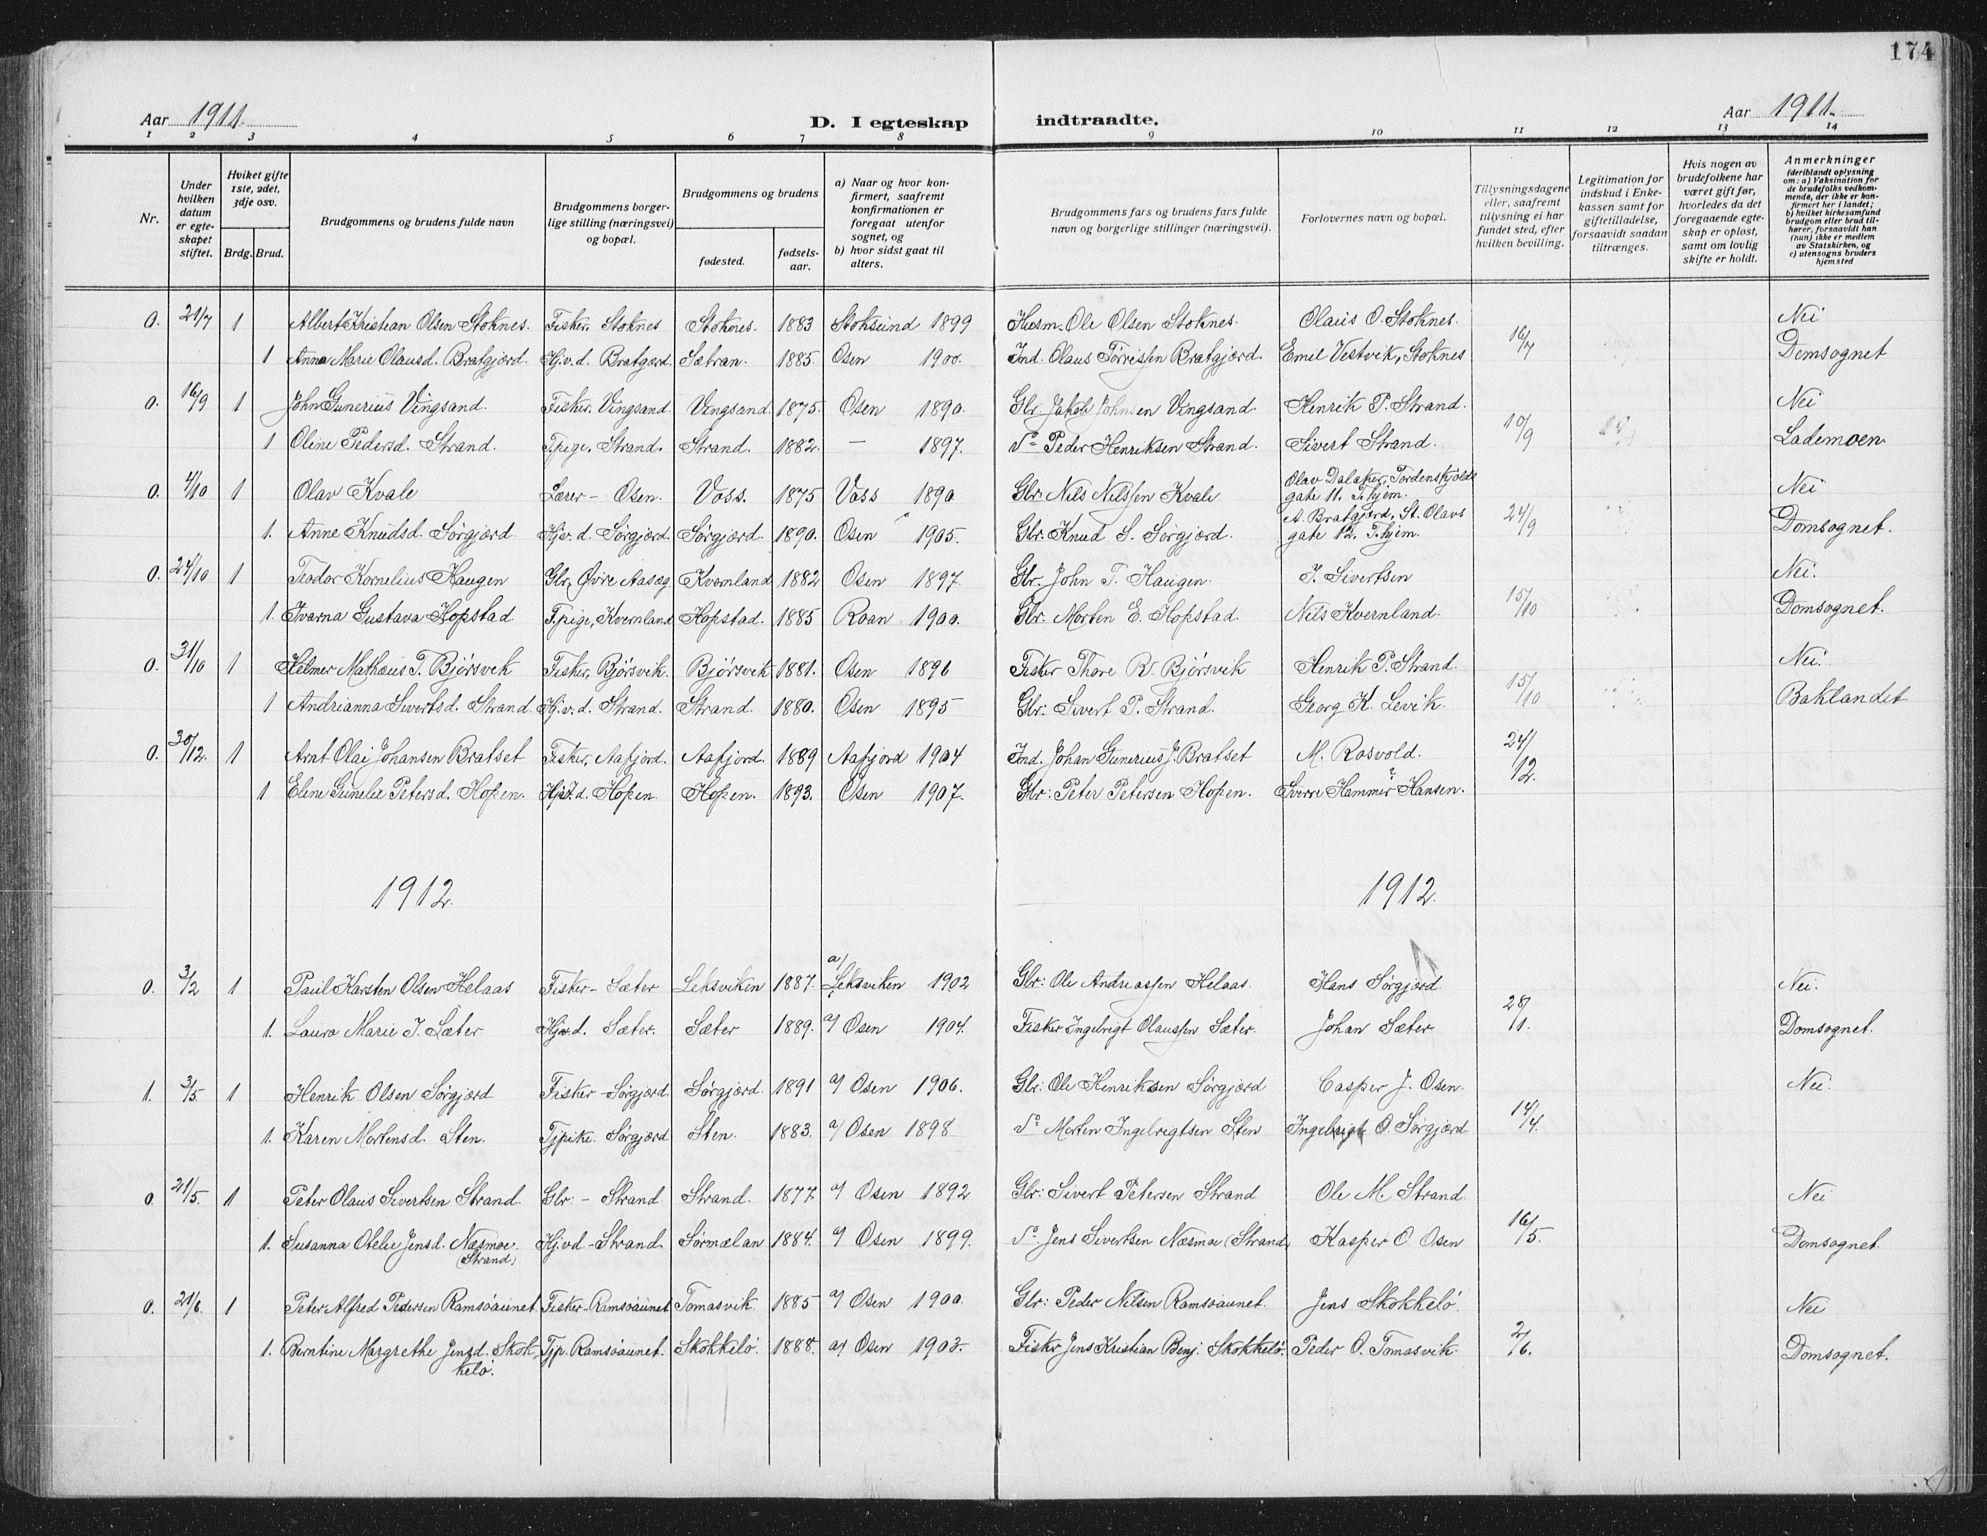 SAT, Ministerialprotokoller, klokkerbøker og fødselsregistre - Sør-Trøndelag, 658/L0727: Klokkerbok nr. 658C03, 1909-1935, s. 174